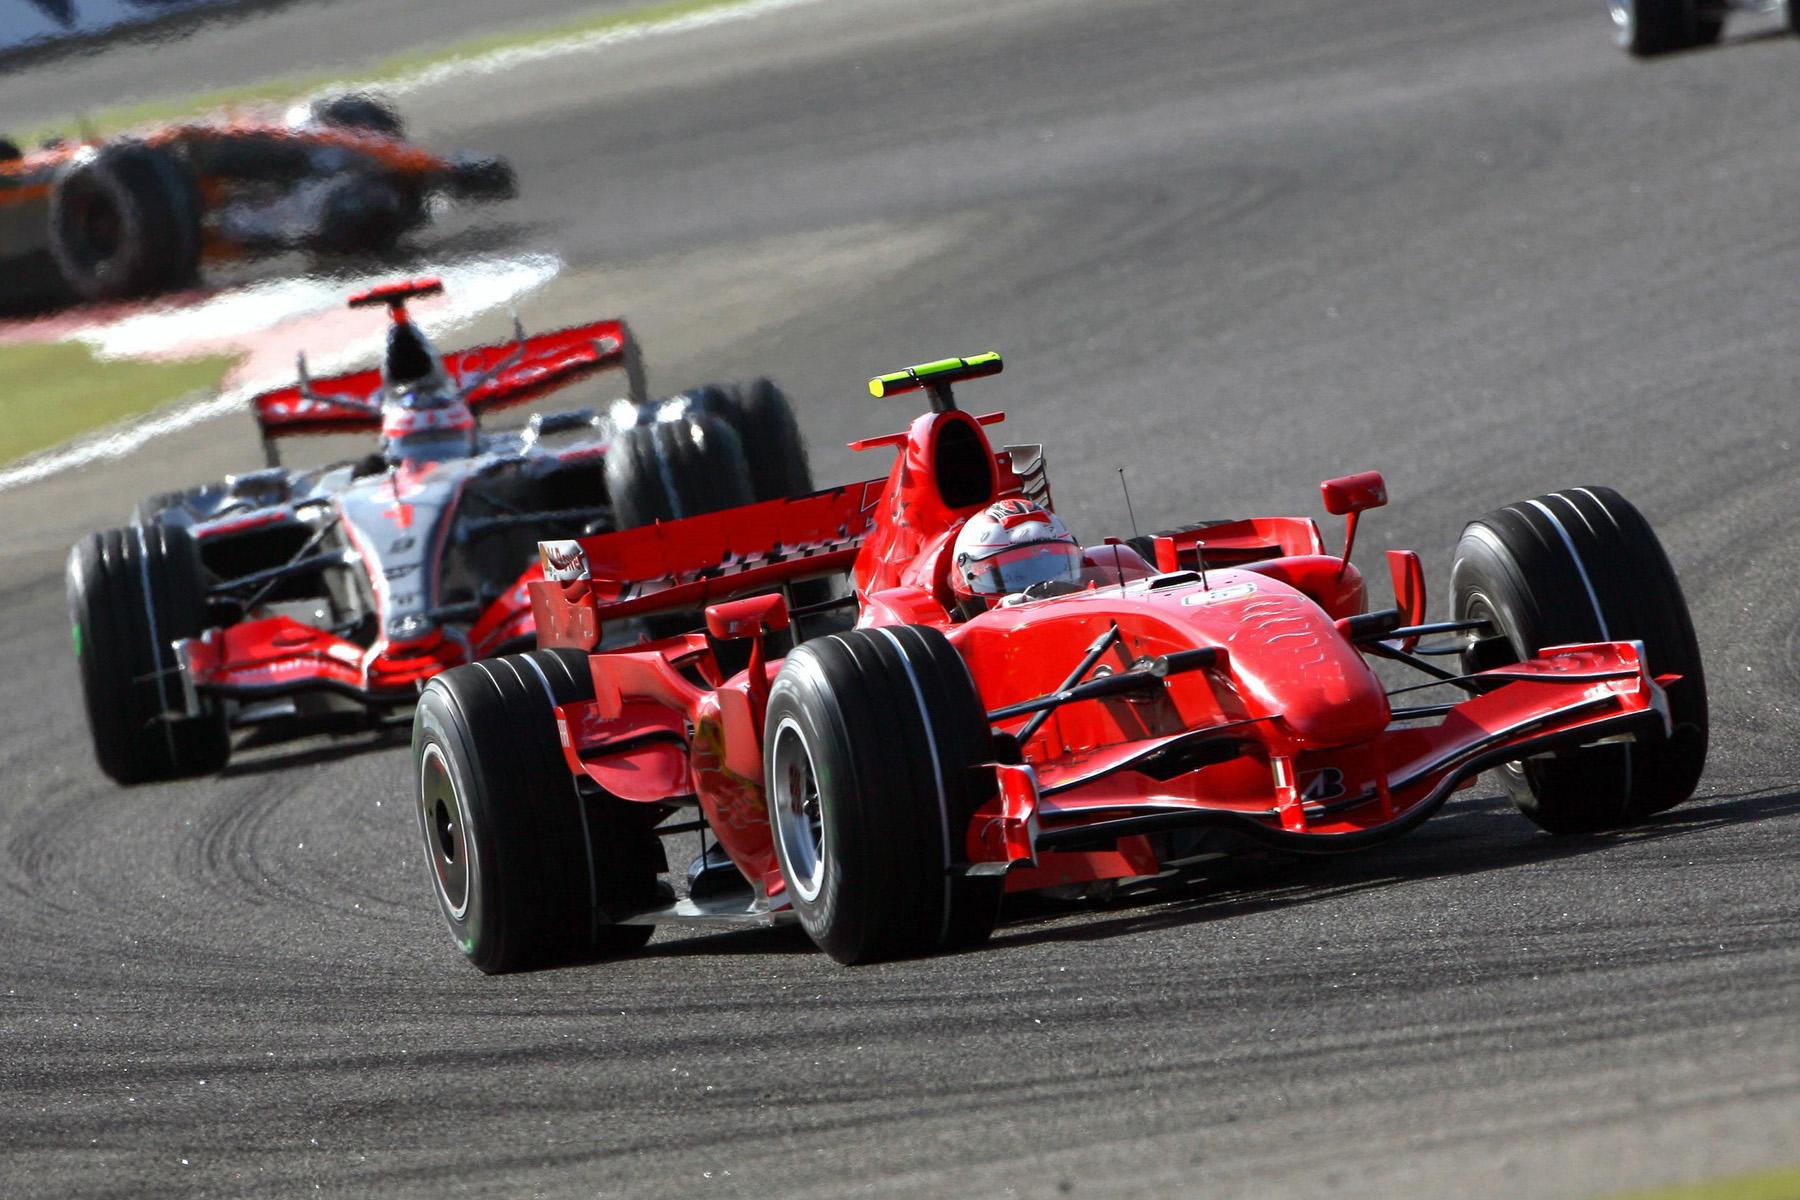 BAHRAIN F1 2007